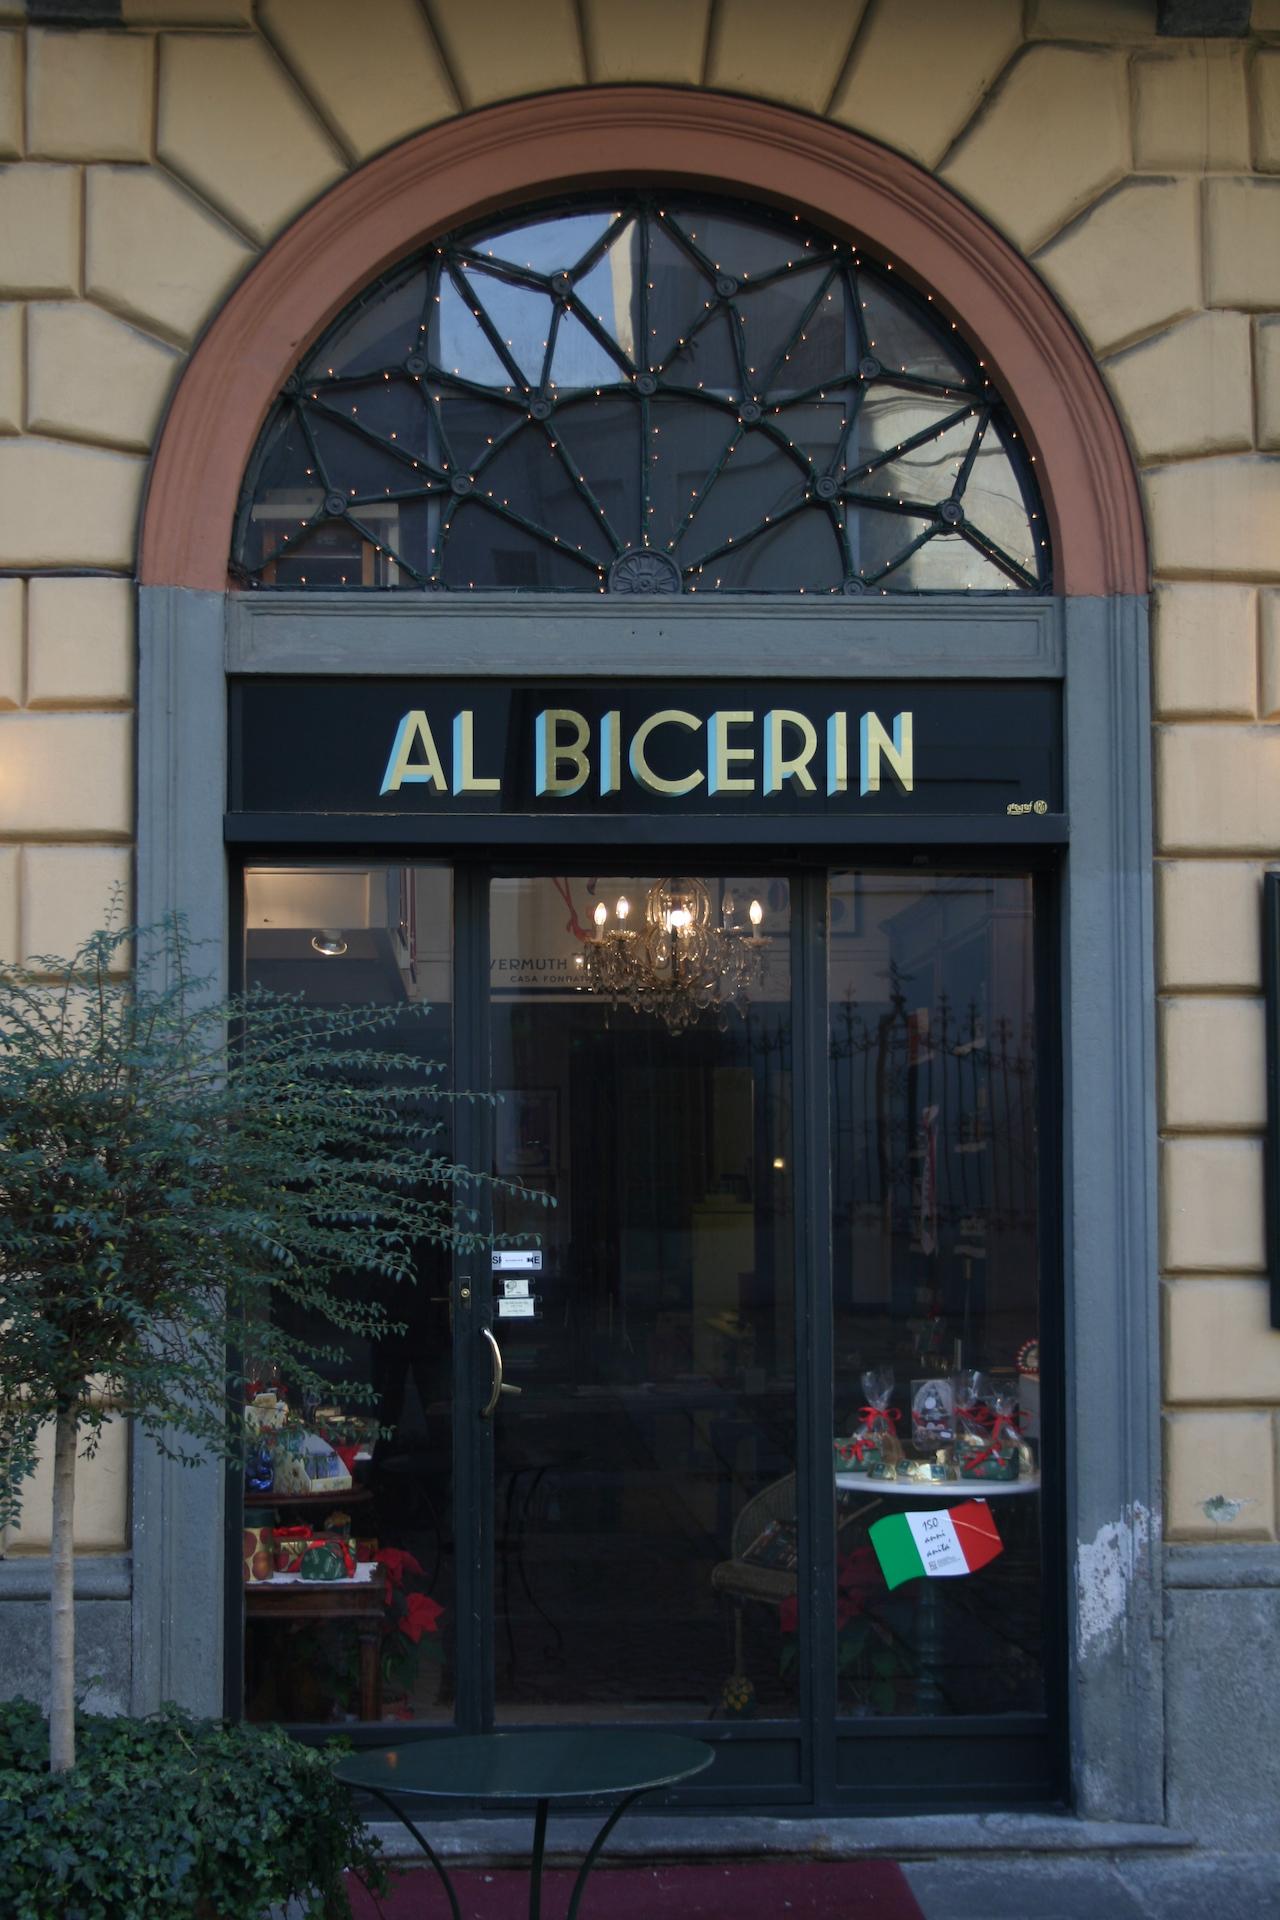 AL BICERIN